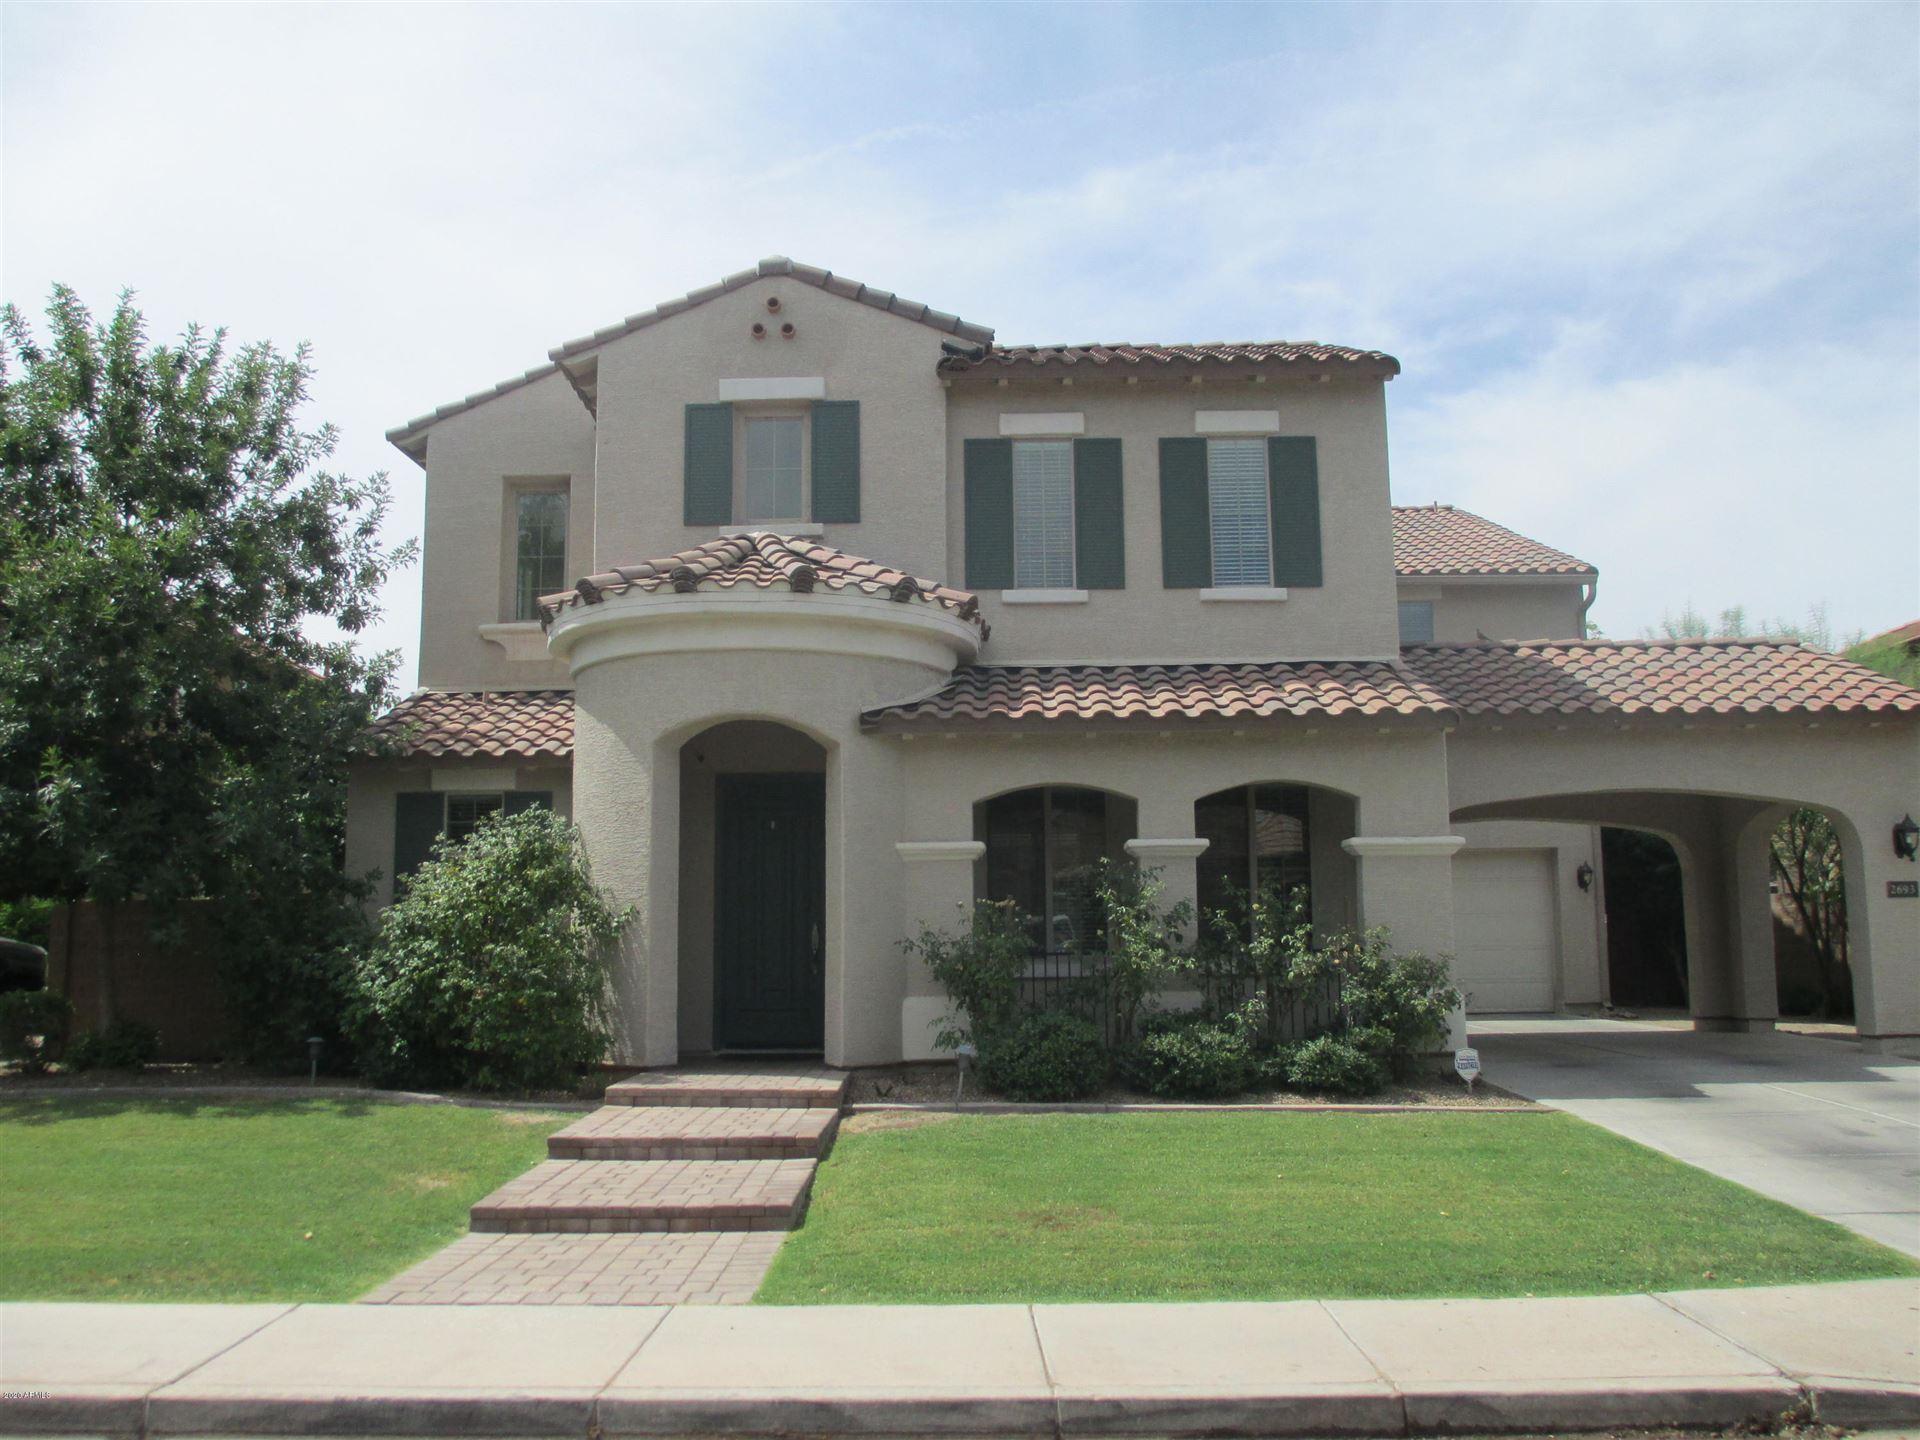 Photo of 2693 E HAMPTON Lane, Gilbert, AZ 85295 (MLS # 6249973)